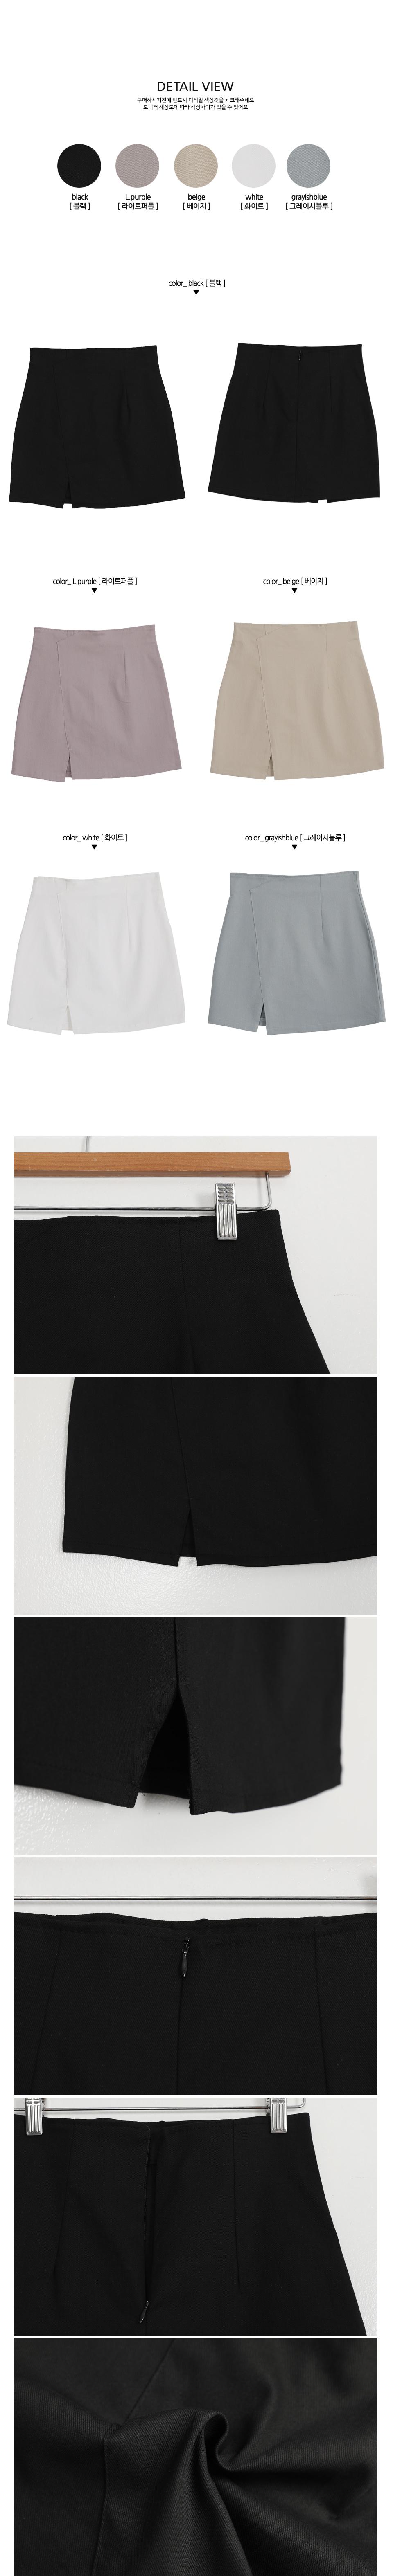 Serend im Skirt